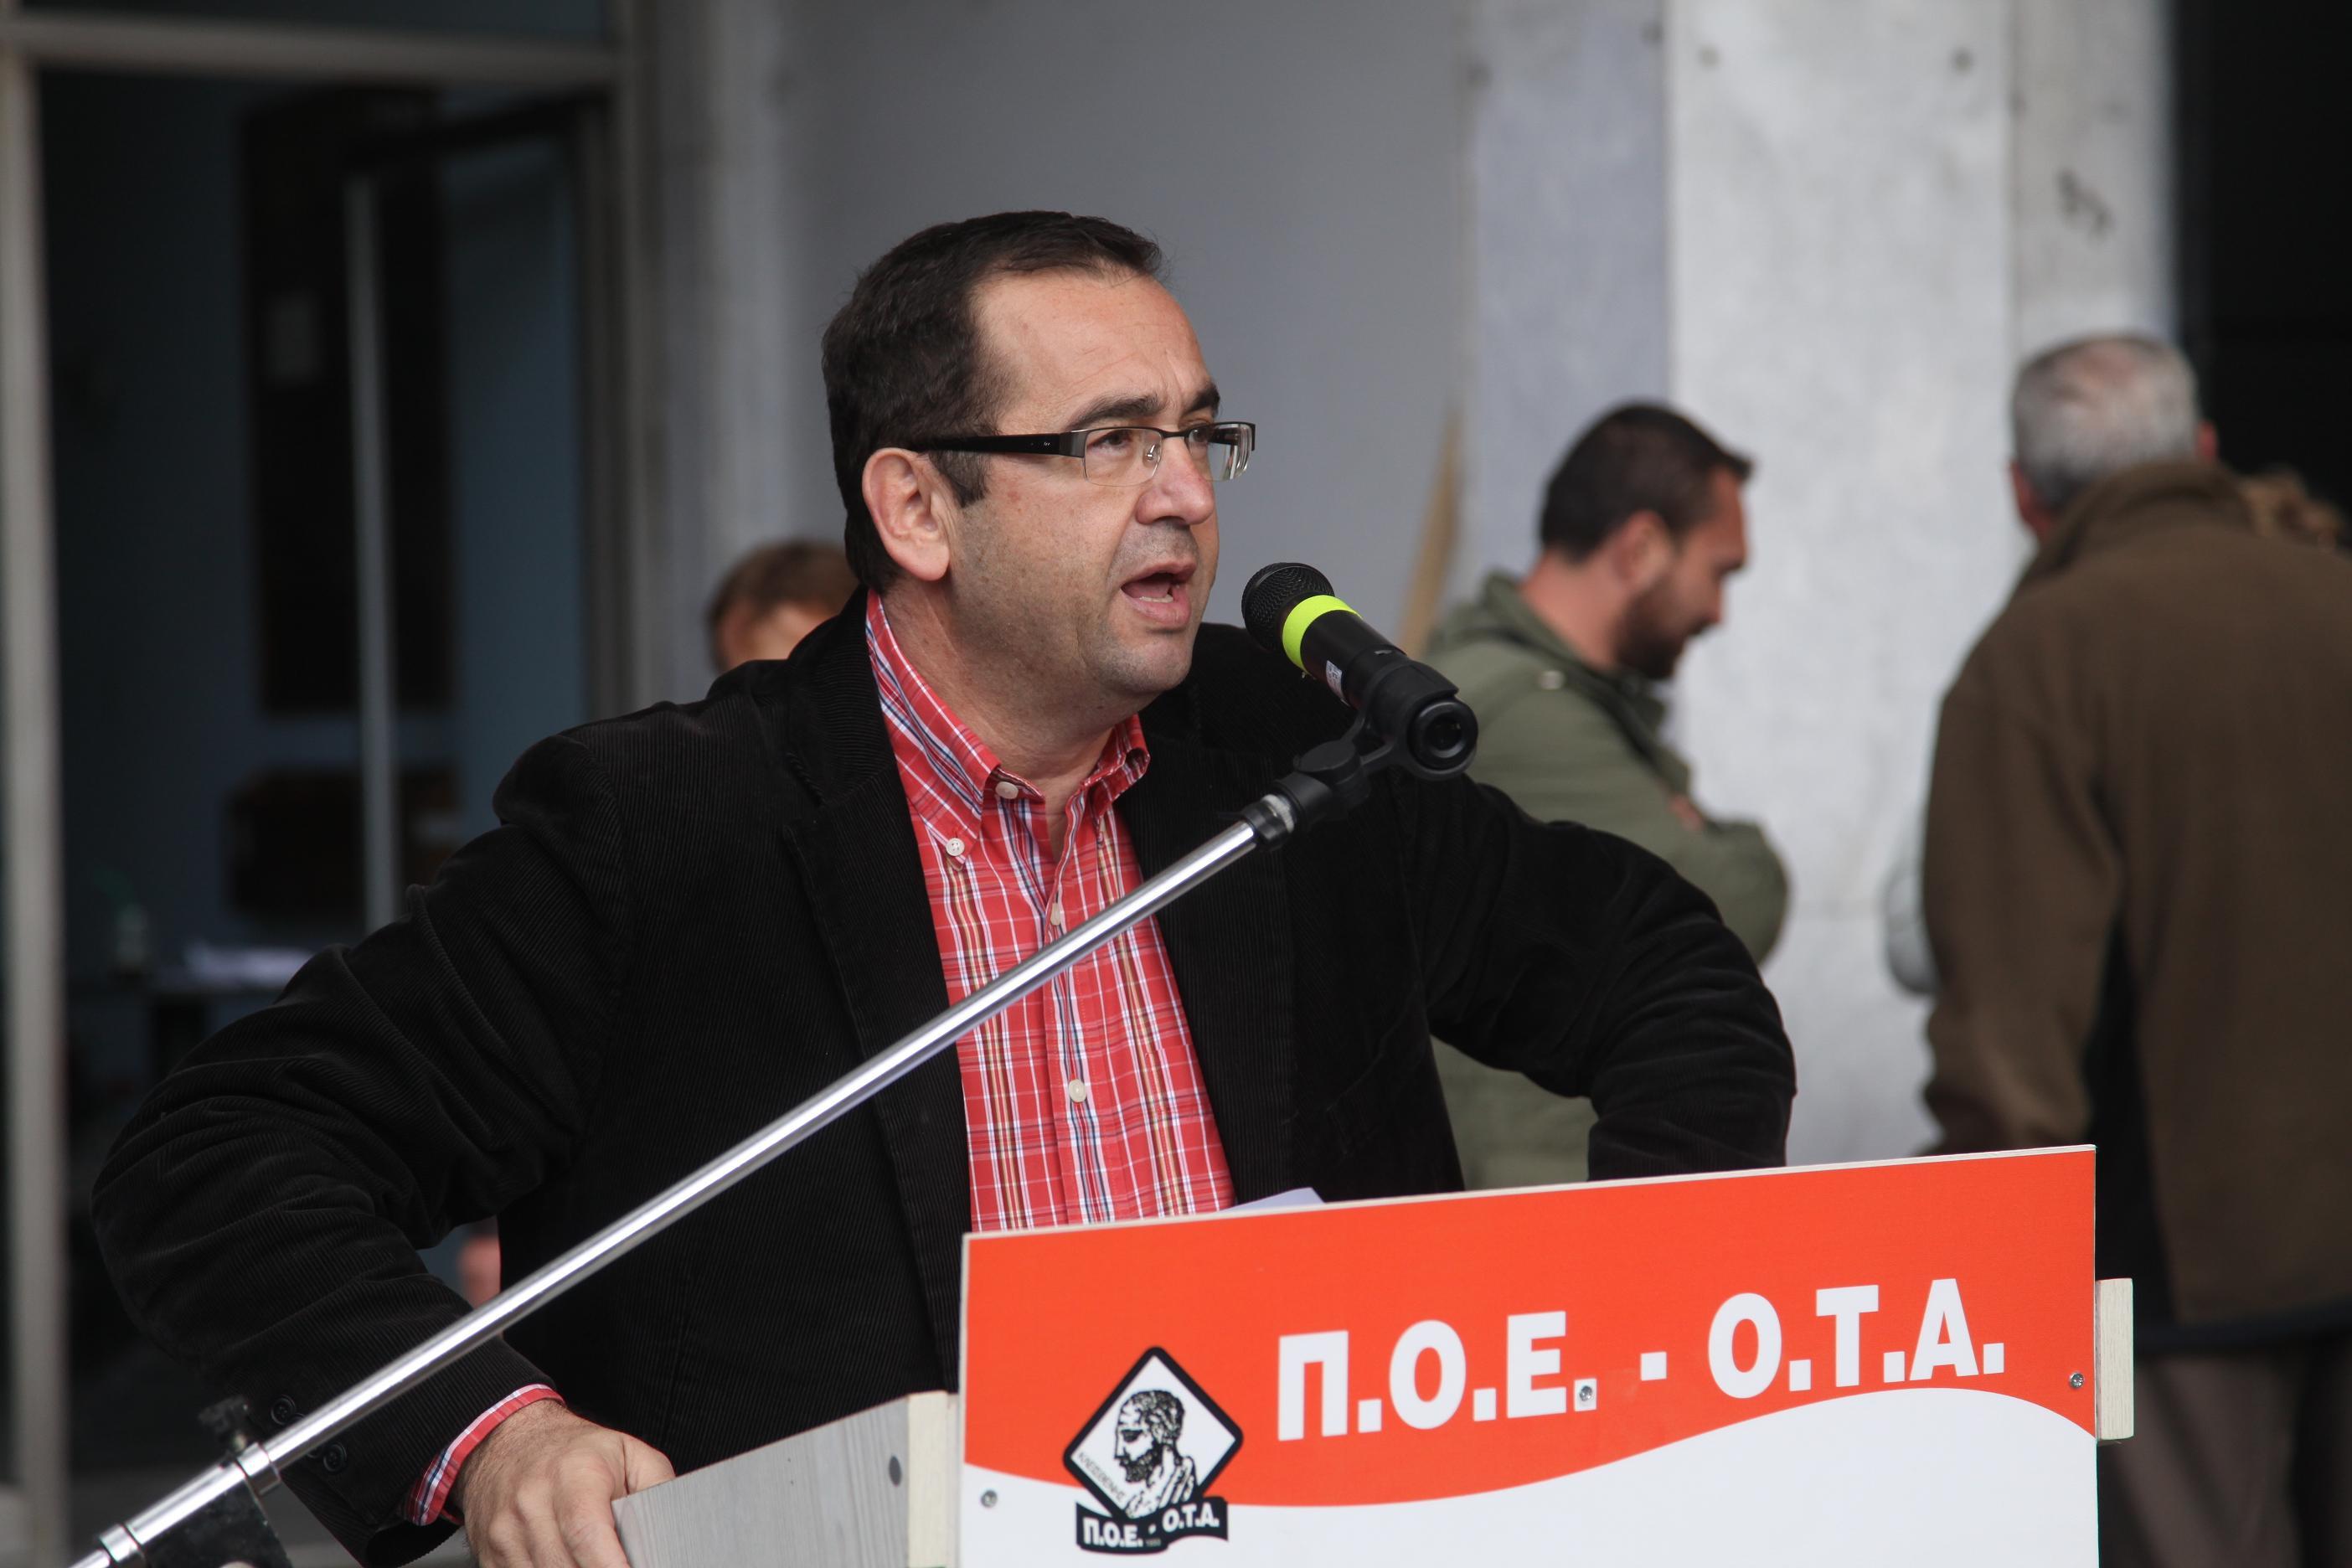 Προς αποχώρηση ο Μπαλασόπουλος από την ΠΟΕ-ΟΤΑ – Ποιος θα τον αντικαταστήσει